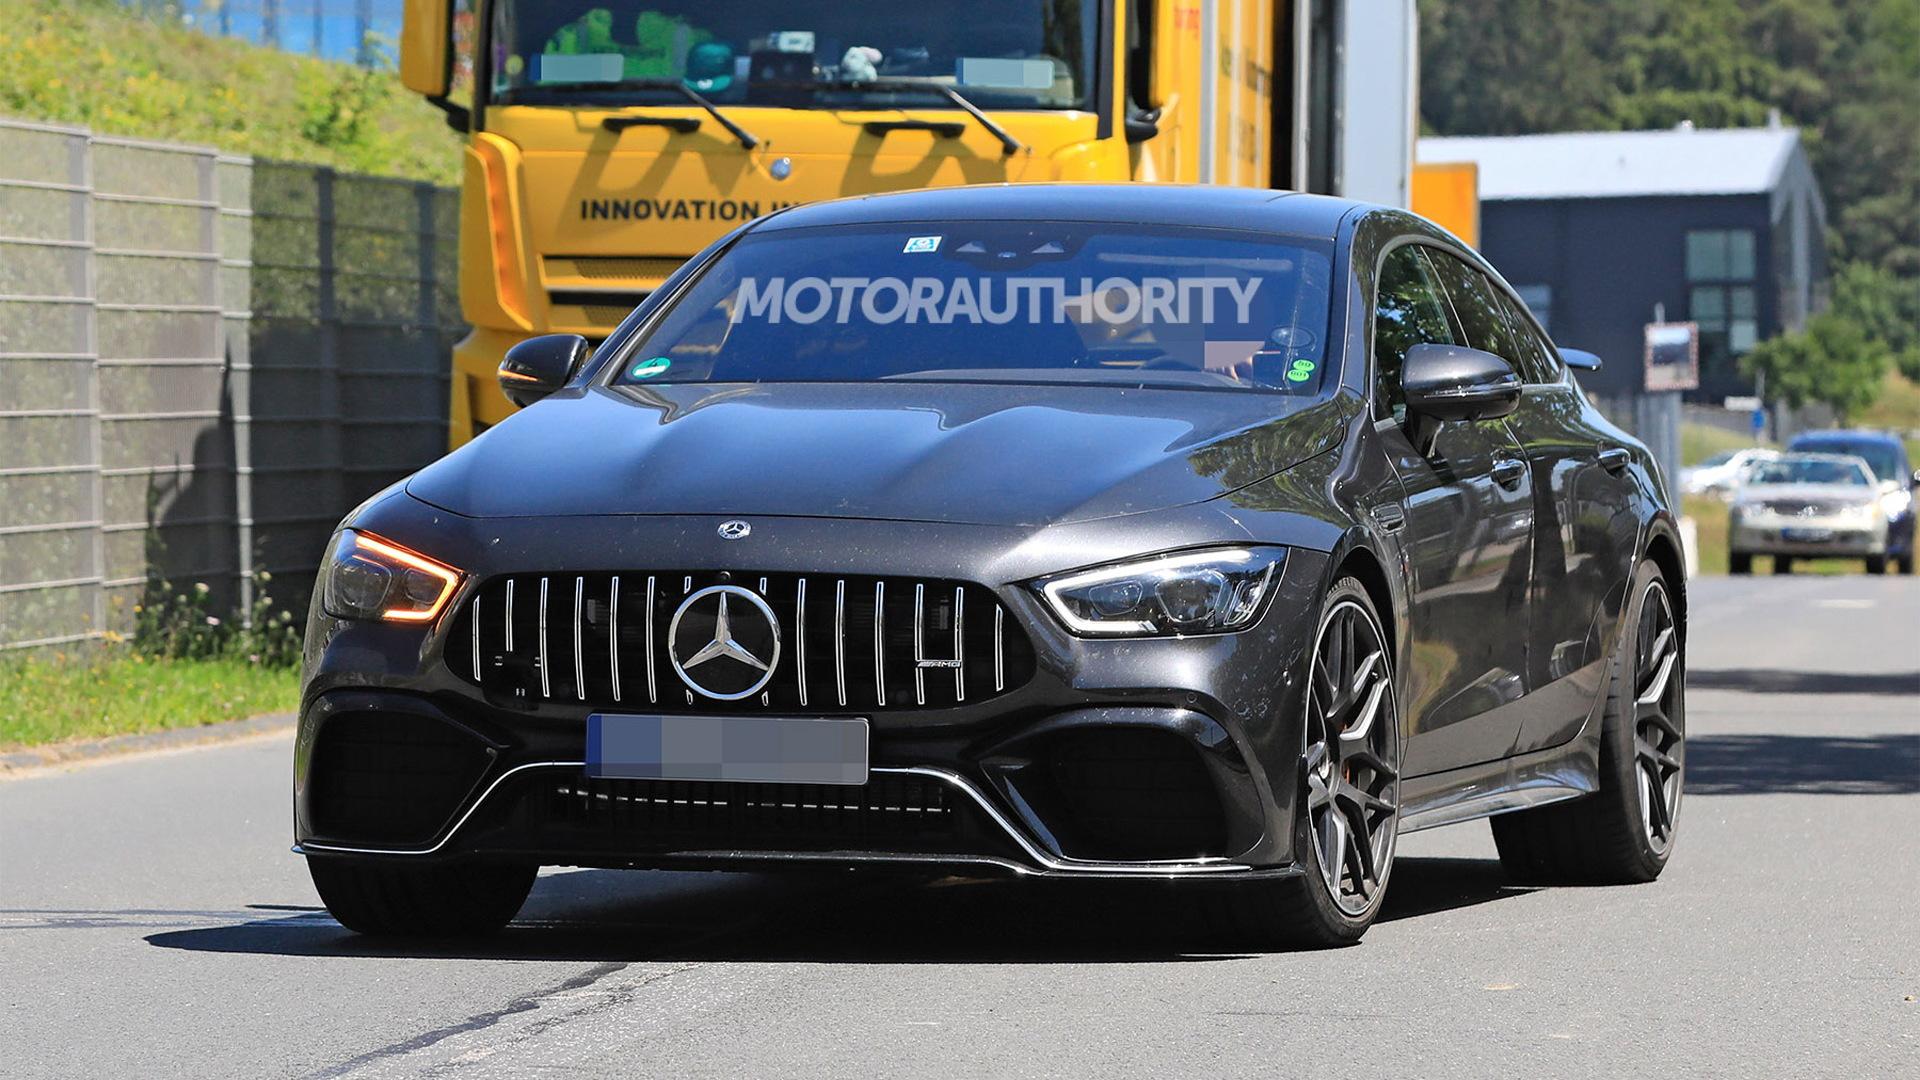 2022 Mercedes-AMG GT 63e 4-Door Coupe spy shots - Photo credit: S. Baldauf/SB-Medien